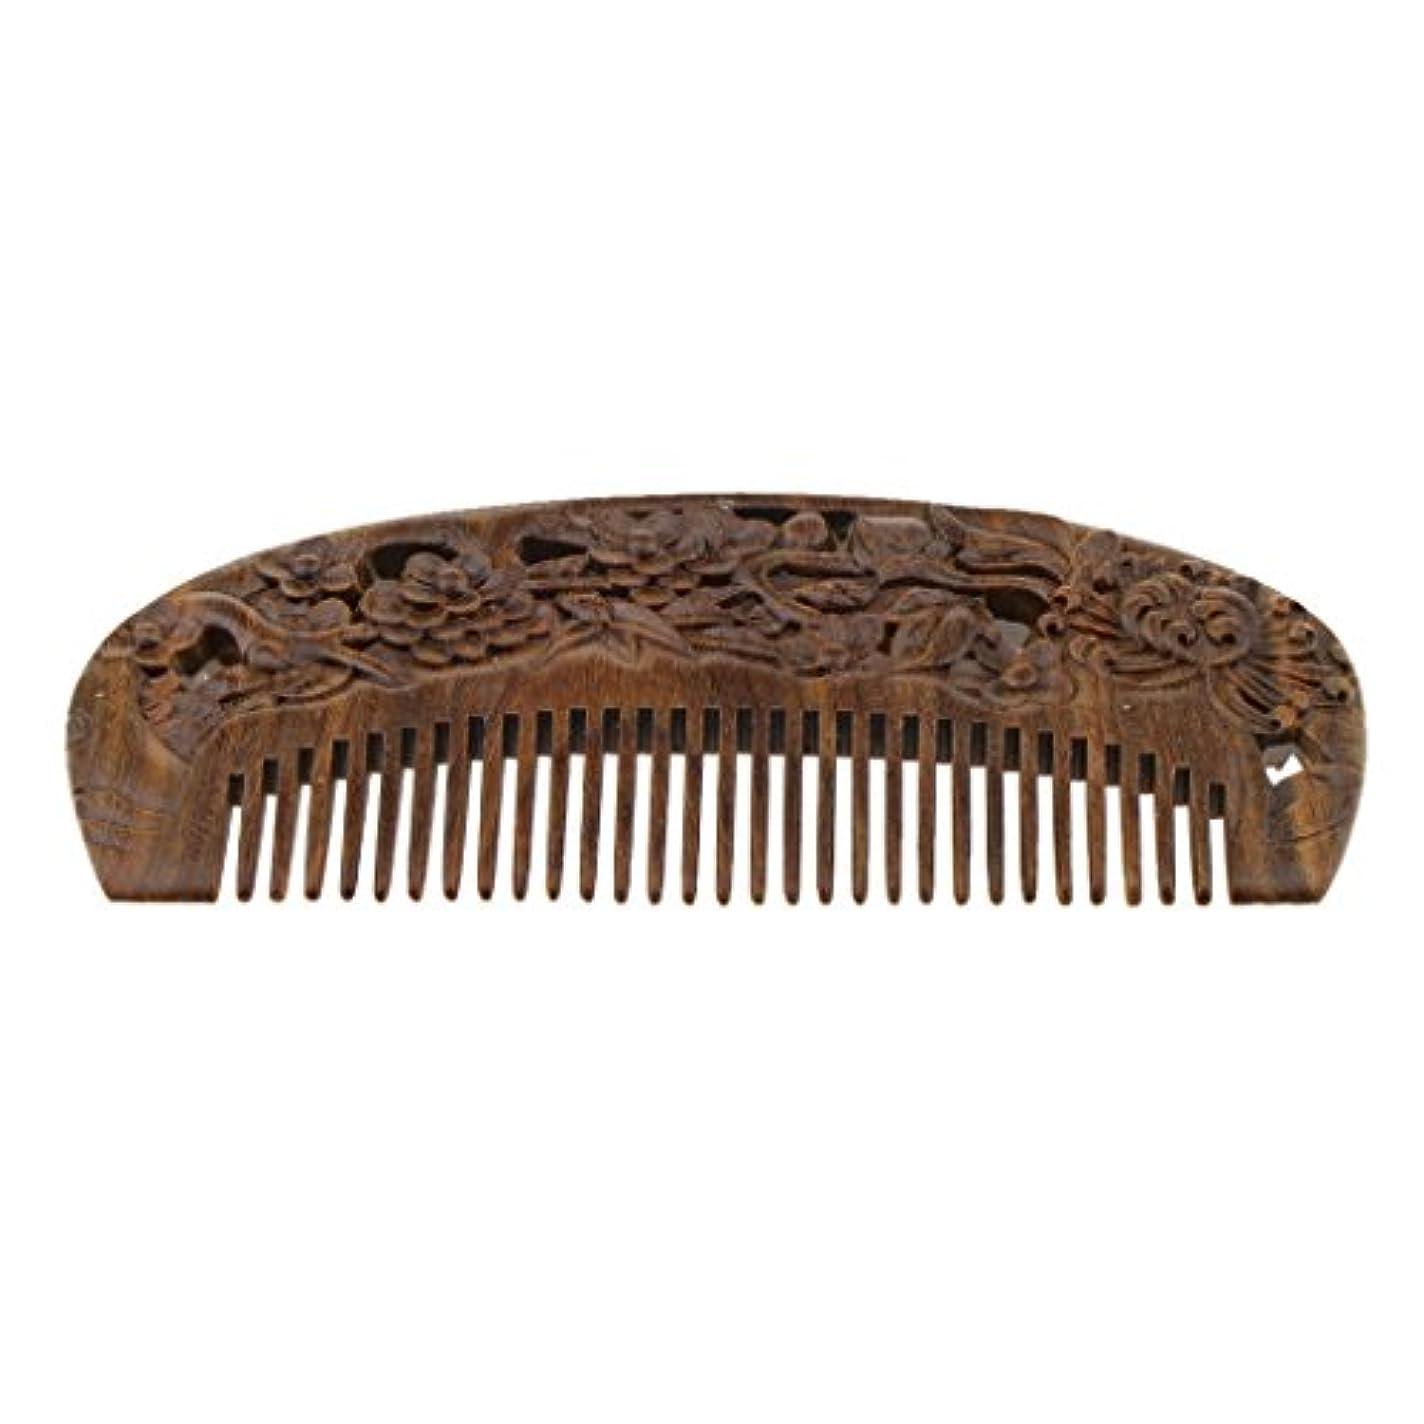 音楽を聴く拡張遺産ナチュラル ウッドコーム 木製コーム 頭皮マッサージ ワイド歯 ヘアブラシ ヘアスタイリング 2タイプ選べる - #2